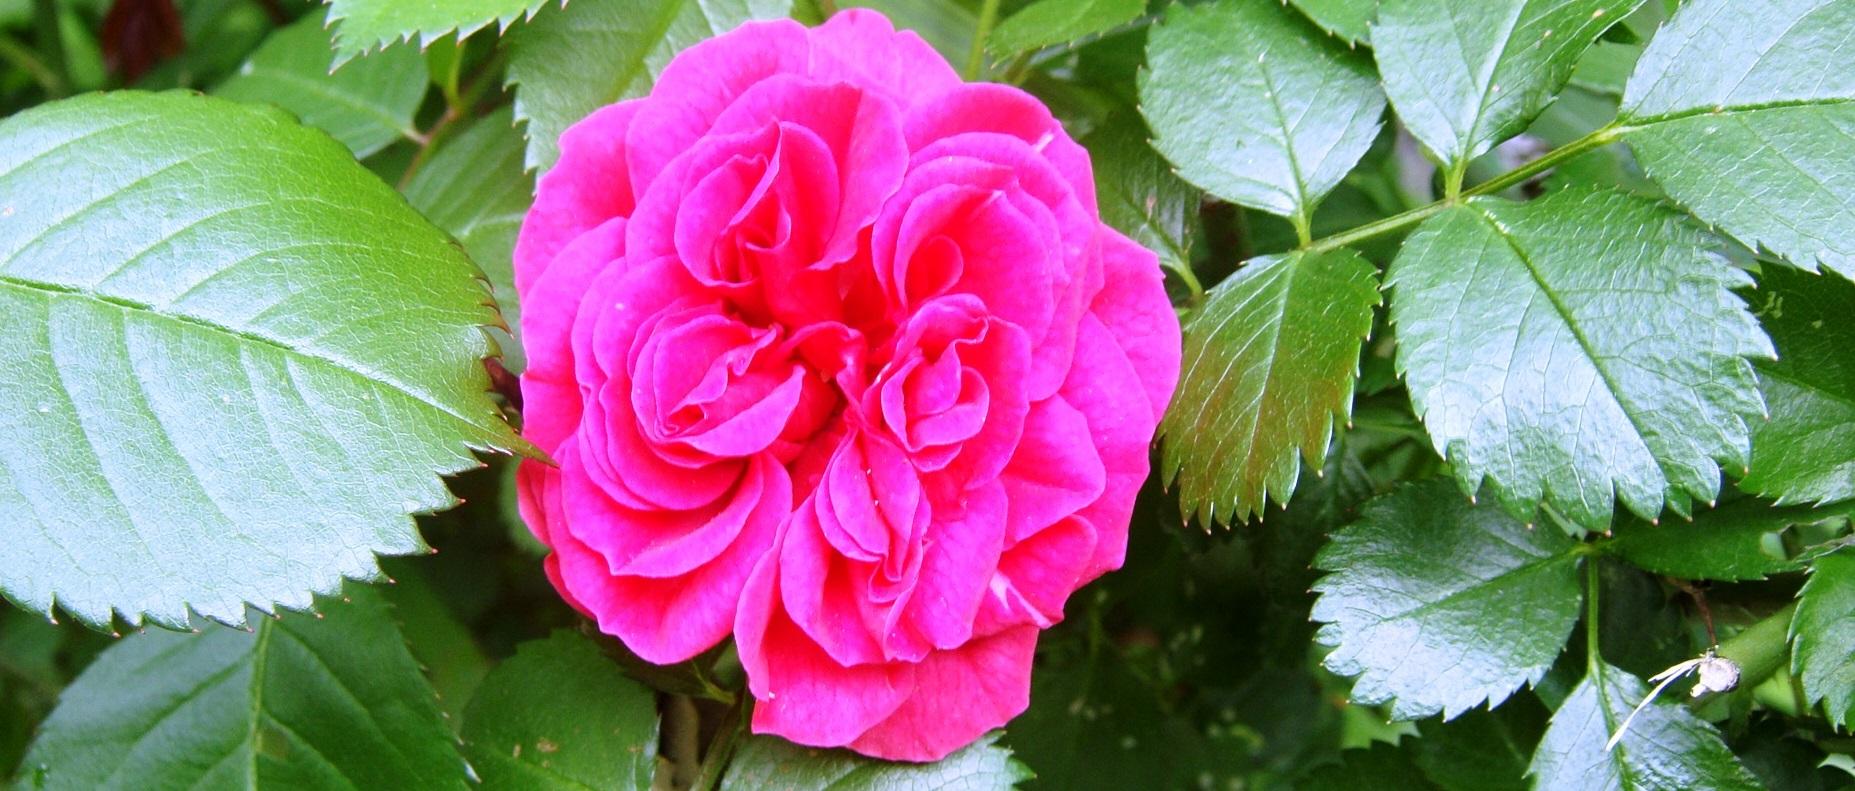 rozenolie